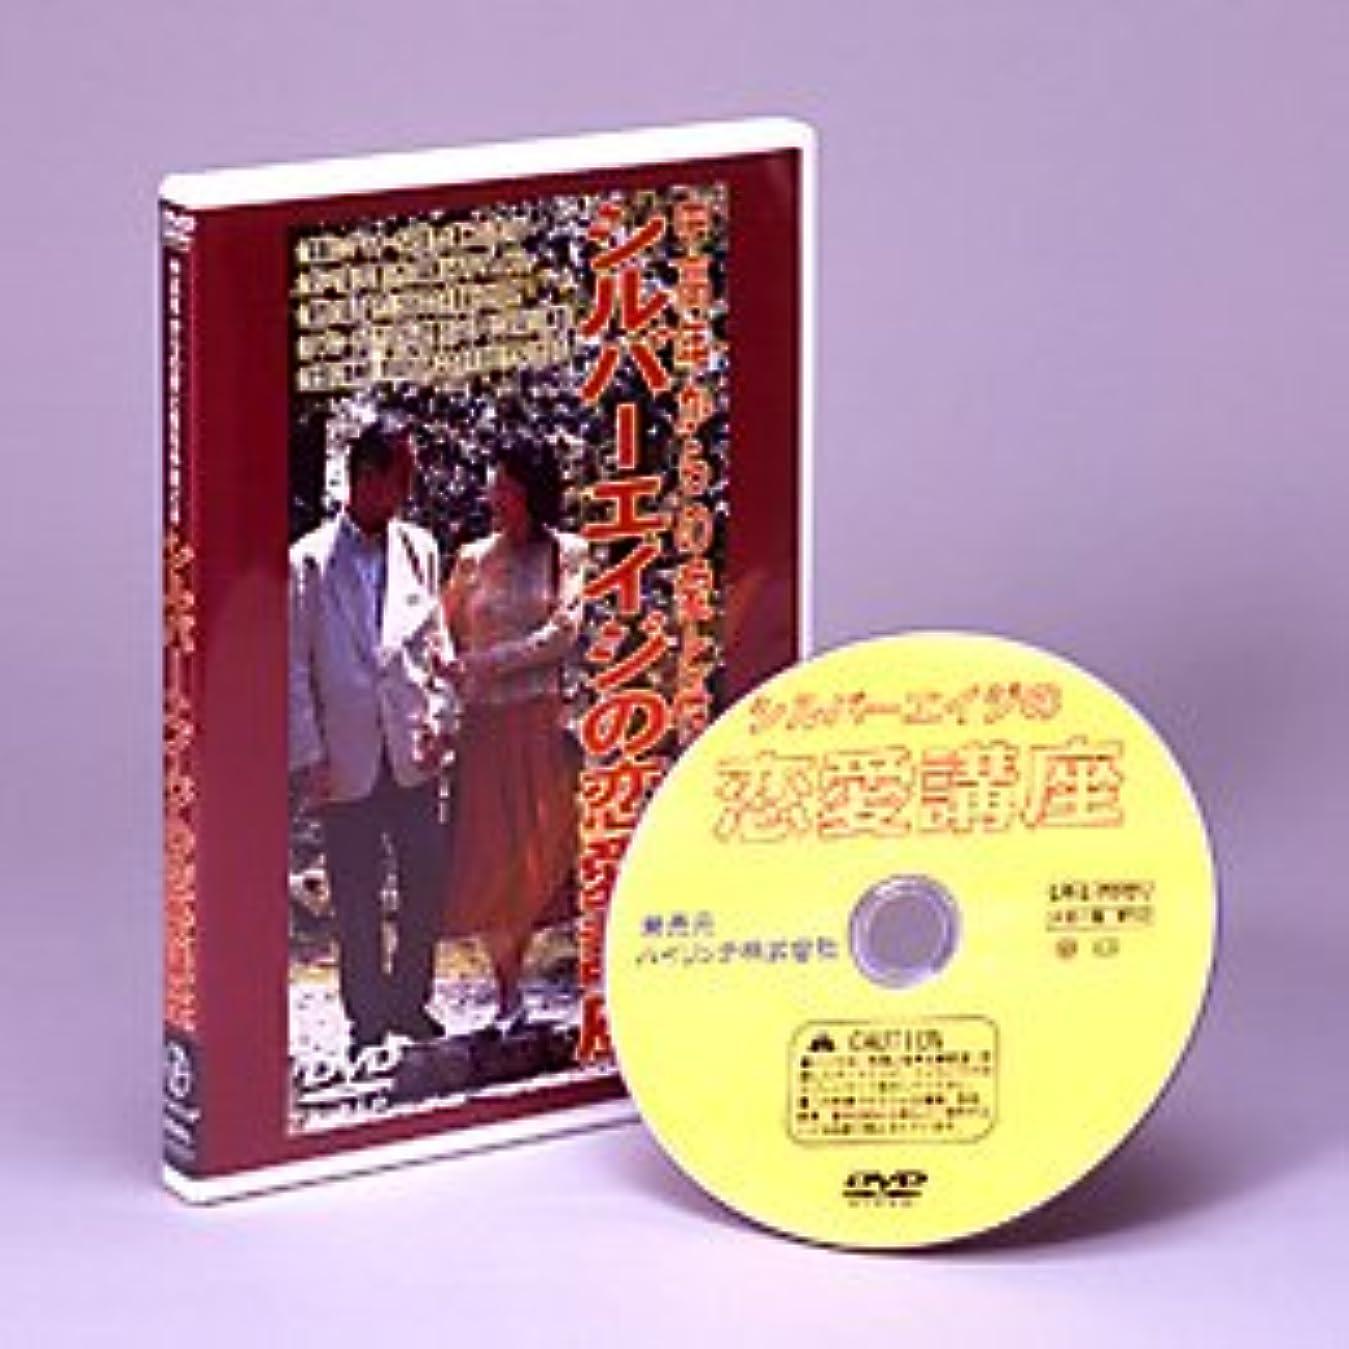 所属系譜一緒中高年からの愛と性をてほどき【シルバーエイジの恋愛講座】DVD